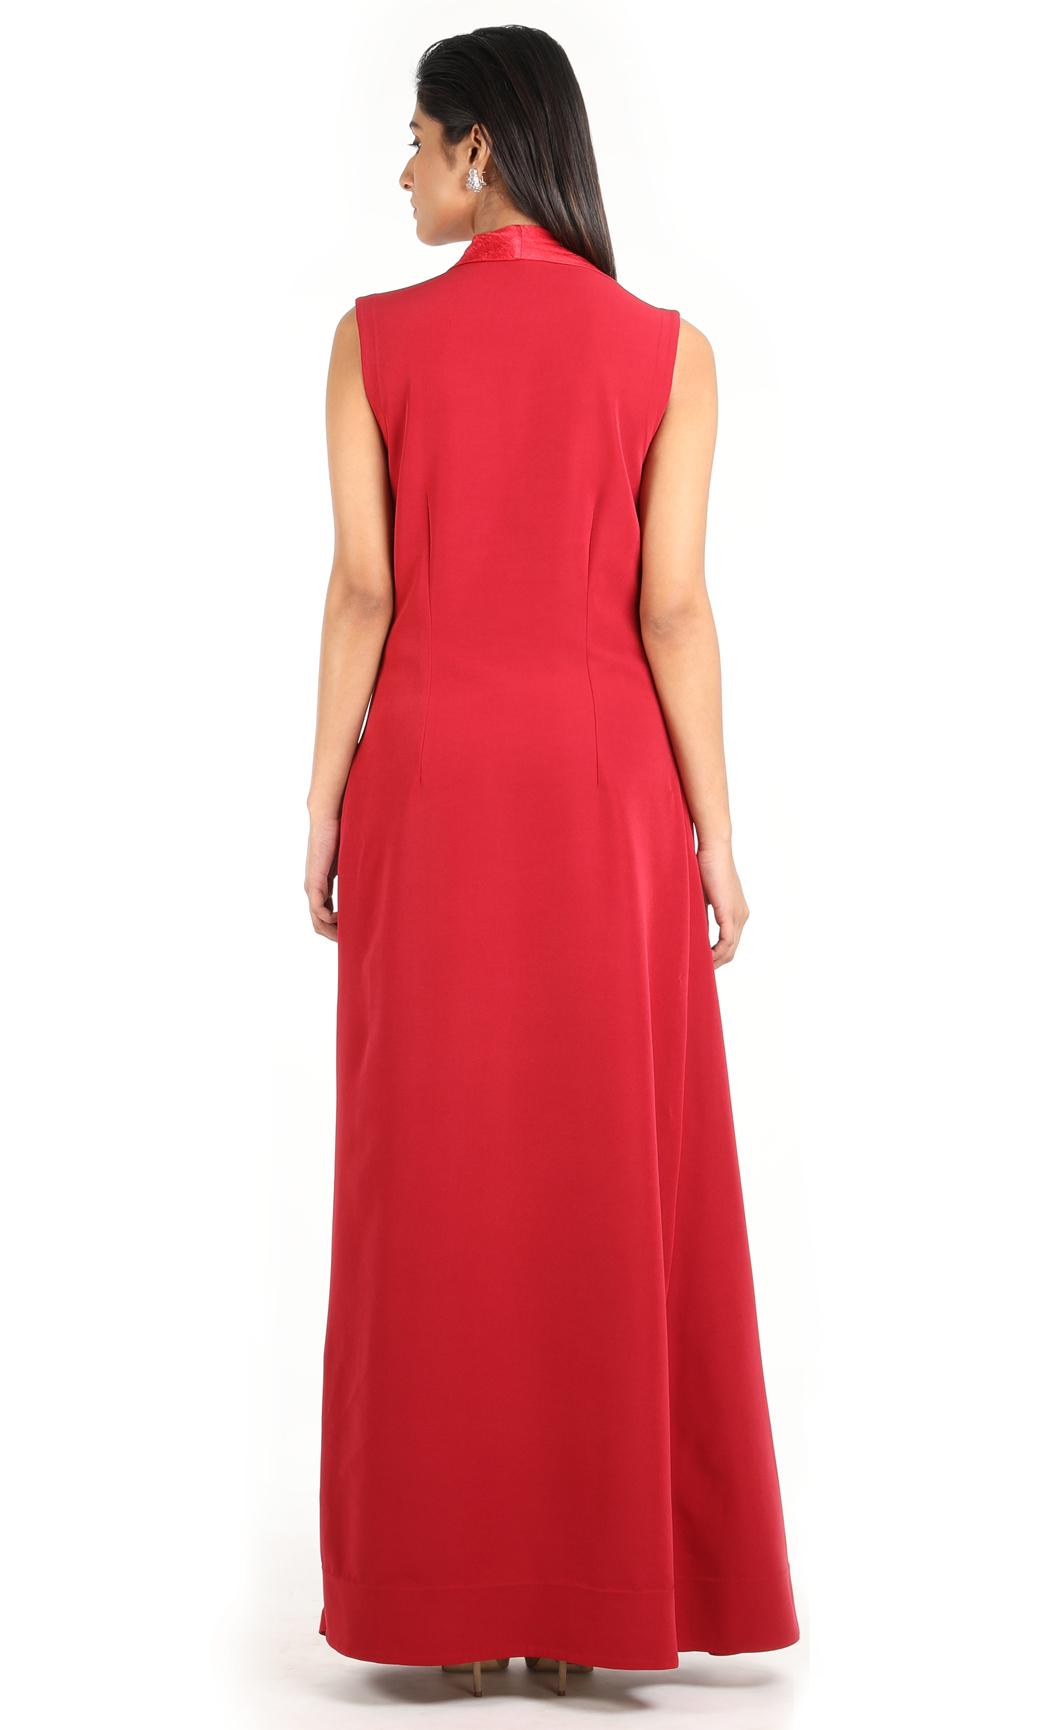 Maroon Sleeveless Cowl Draped Dress